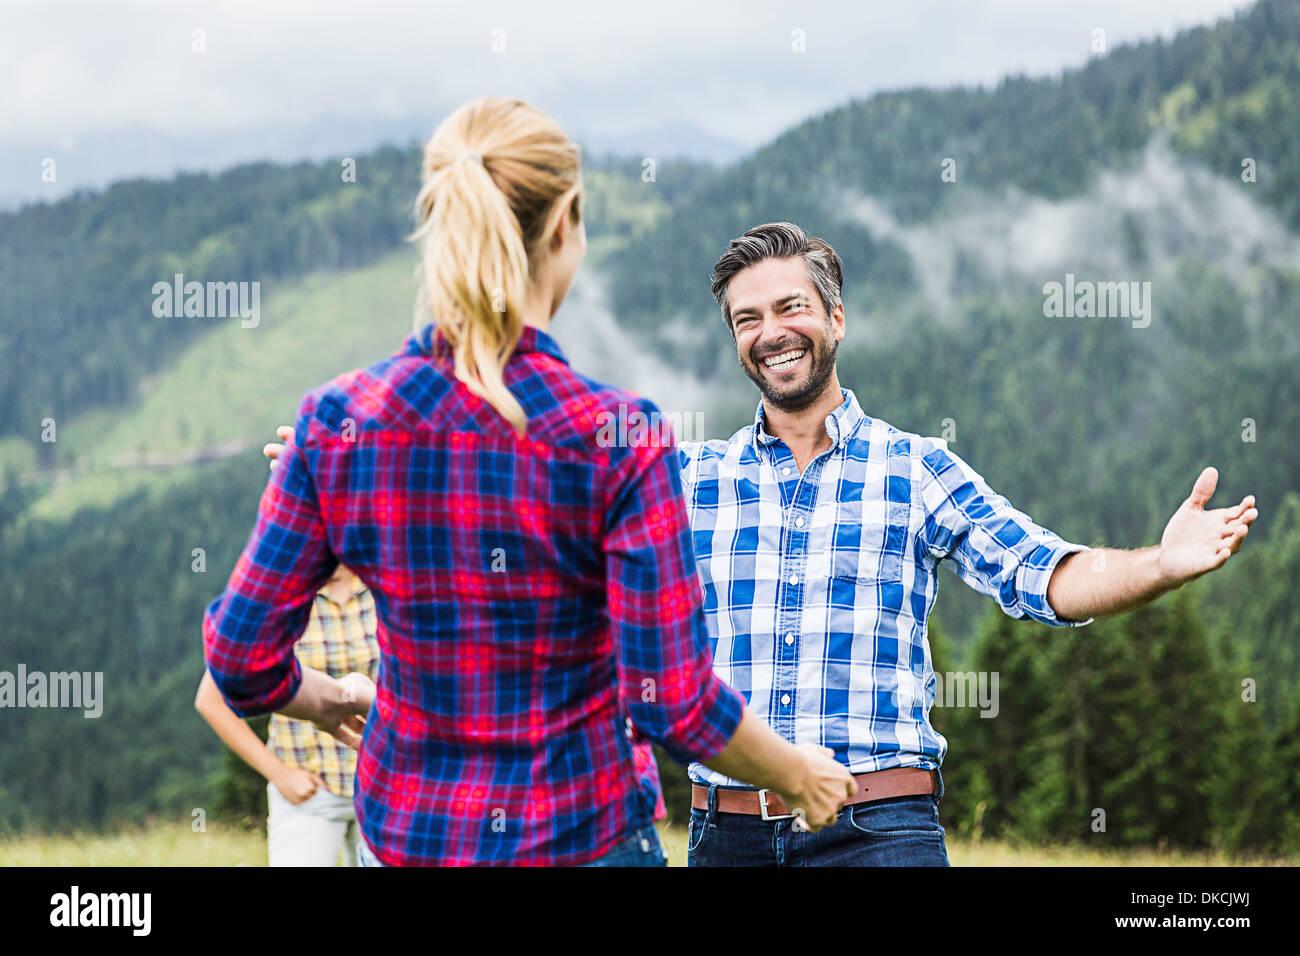 Saluto uomo donna con le braccia aperte, Tirolo, Austria Immagini Stock